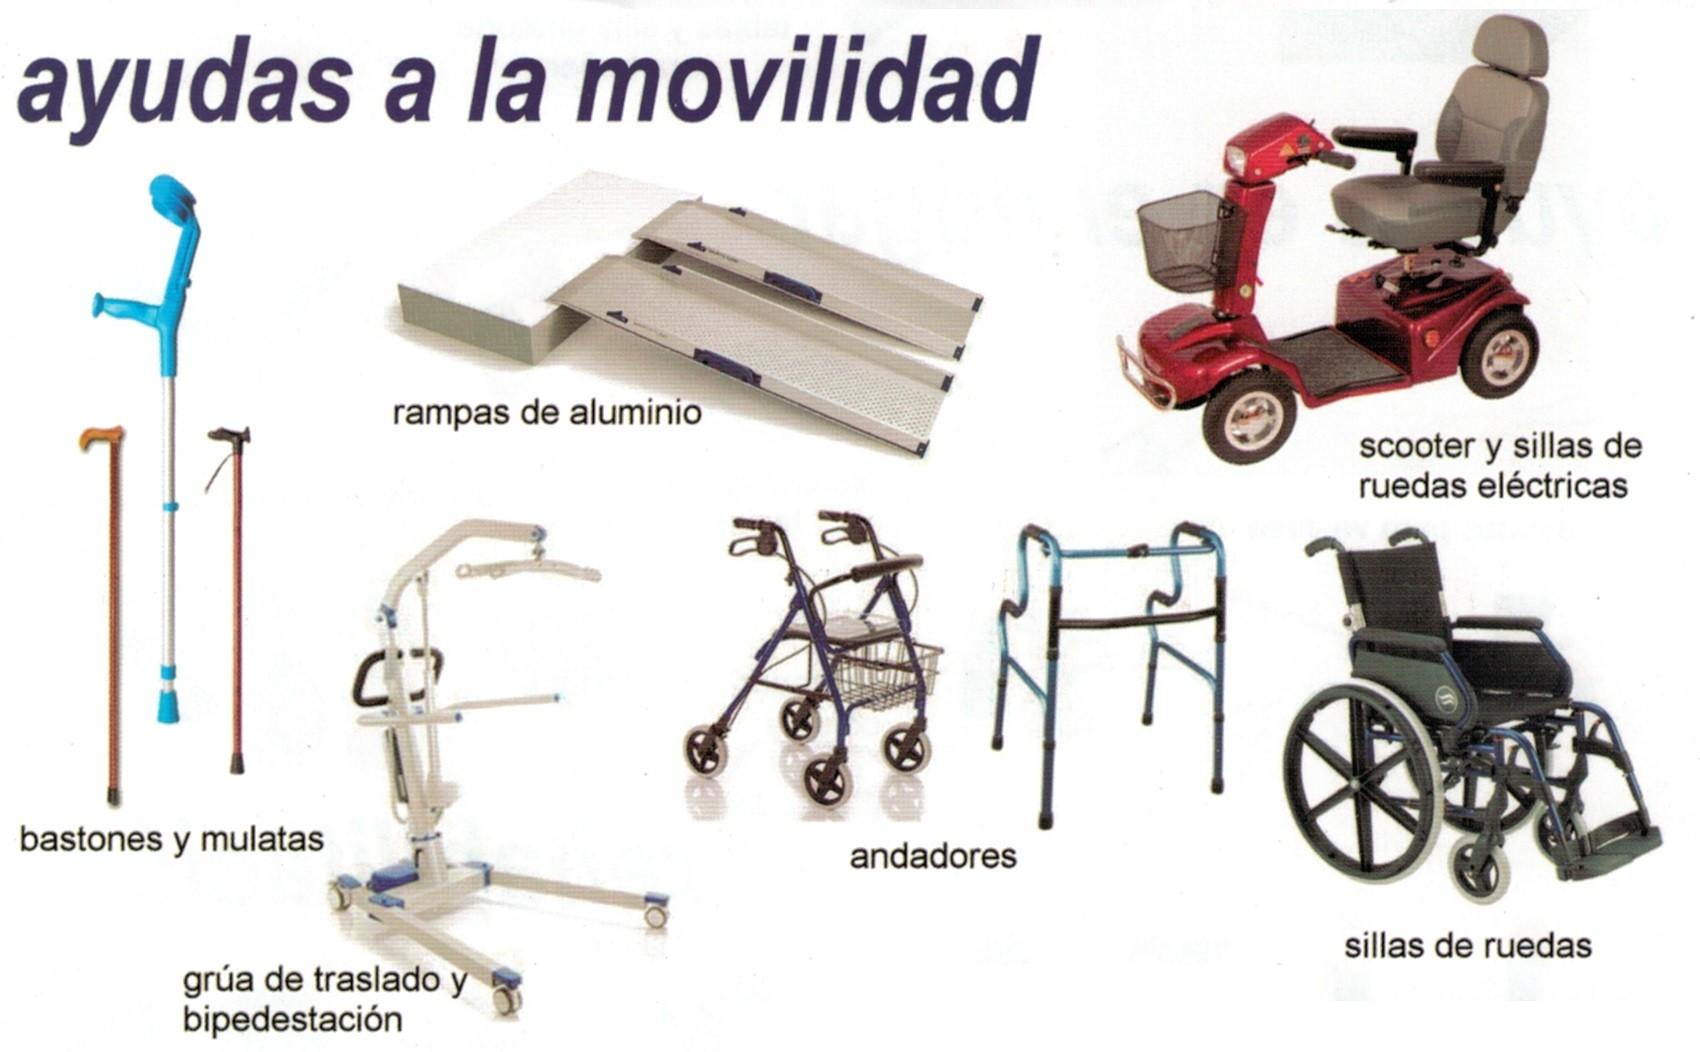 Ayudas a la movilidad